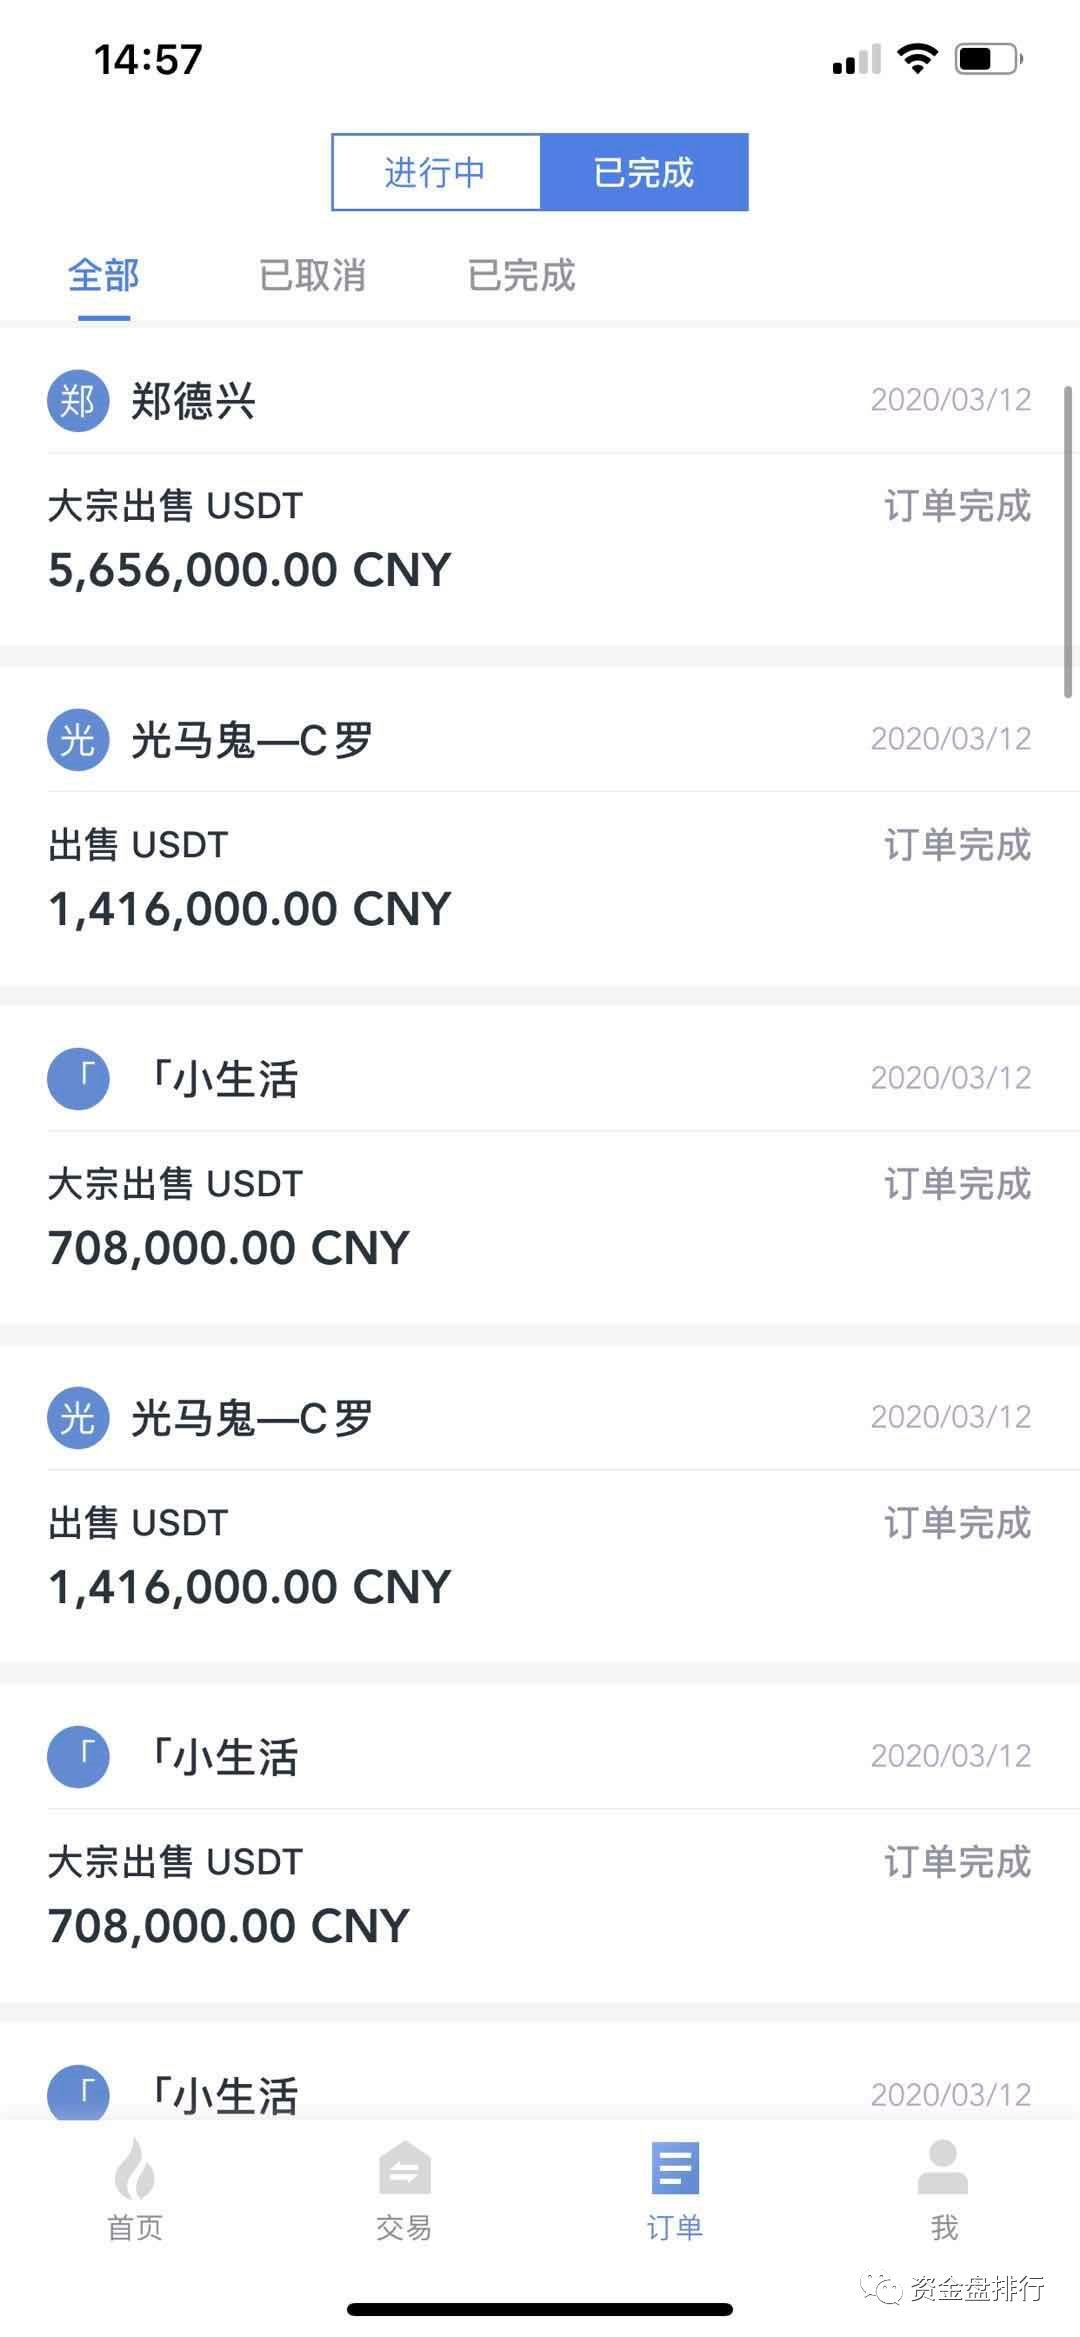 """【抓捕视频】首个诈骗团伙在""""火币OTC""""洗钱被抓!!!"""